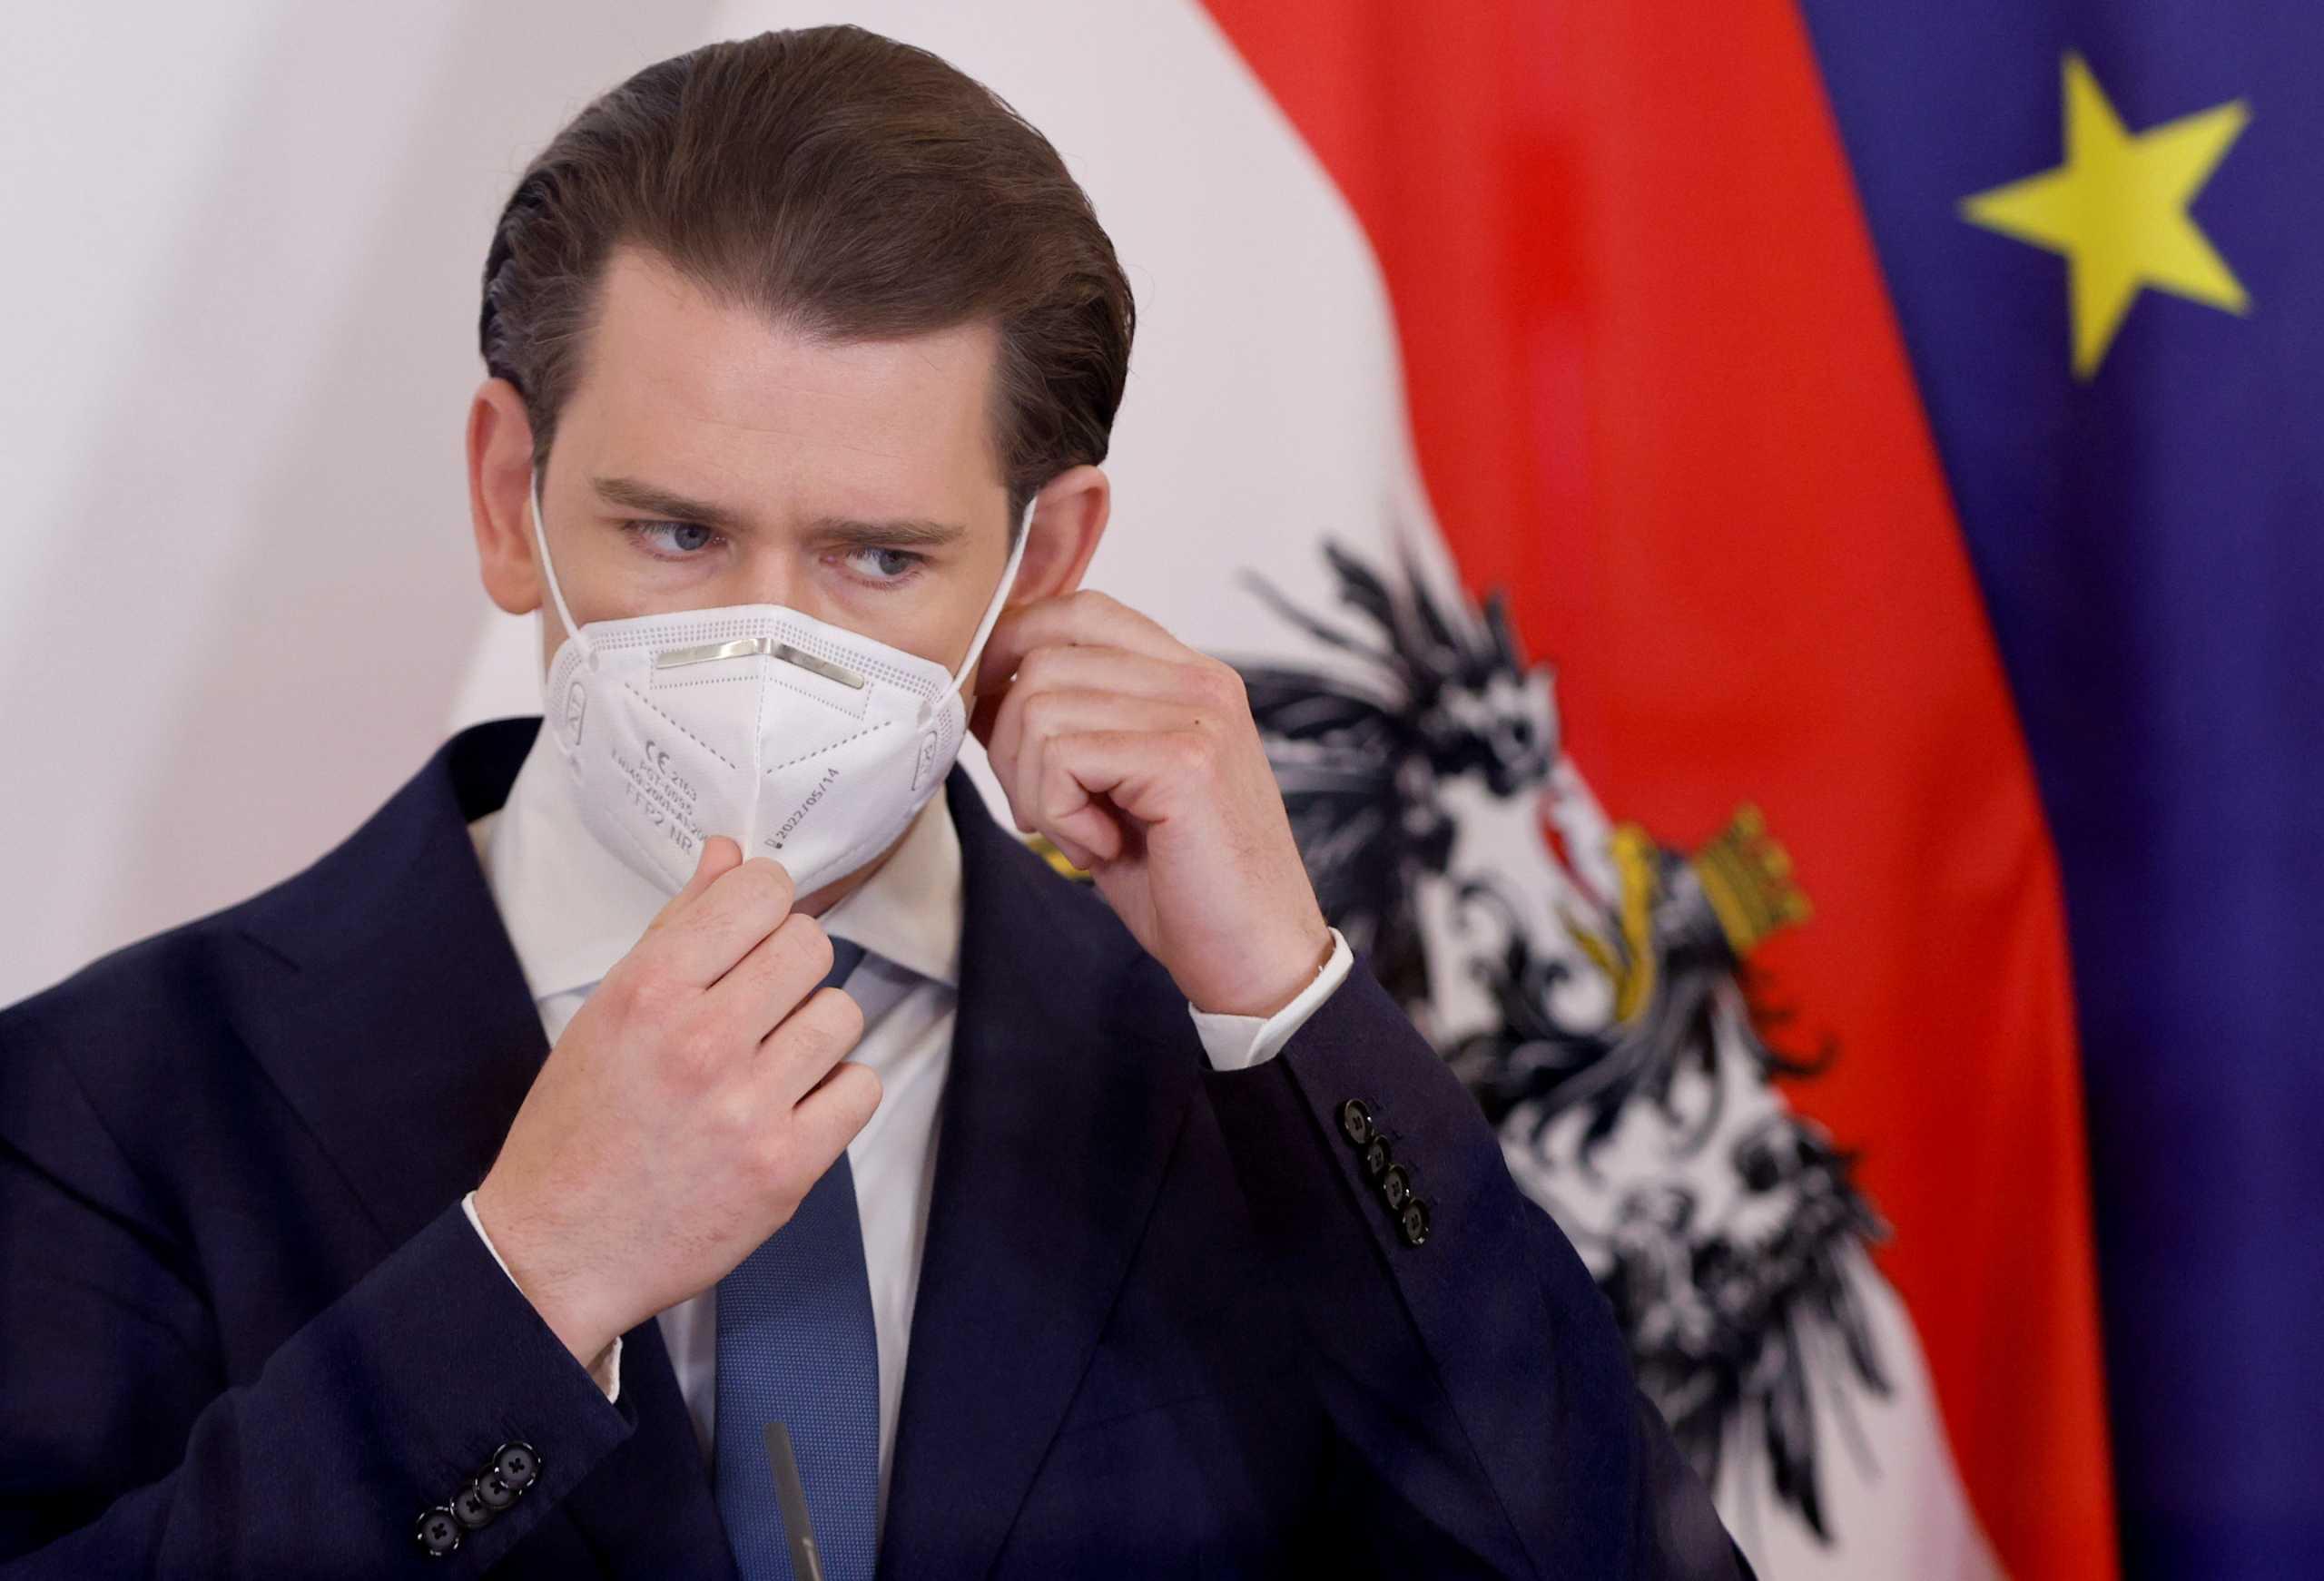 Αυστρία: «Πονοκέφαλος» για τον Κουρτς – Διχογνωμία στην κυβέρνηση για την χαλάρωση των μέτρων